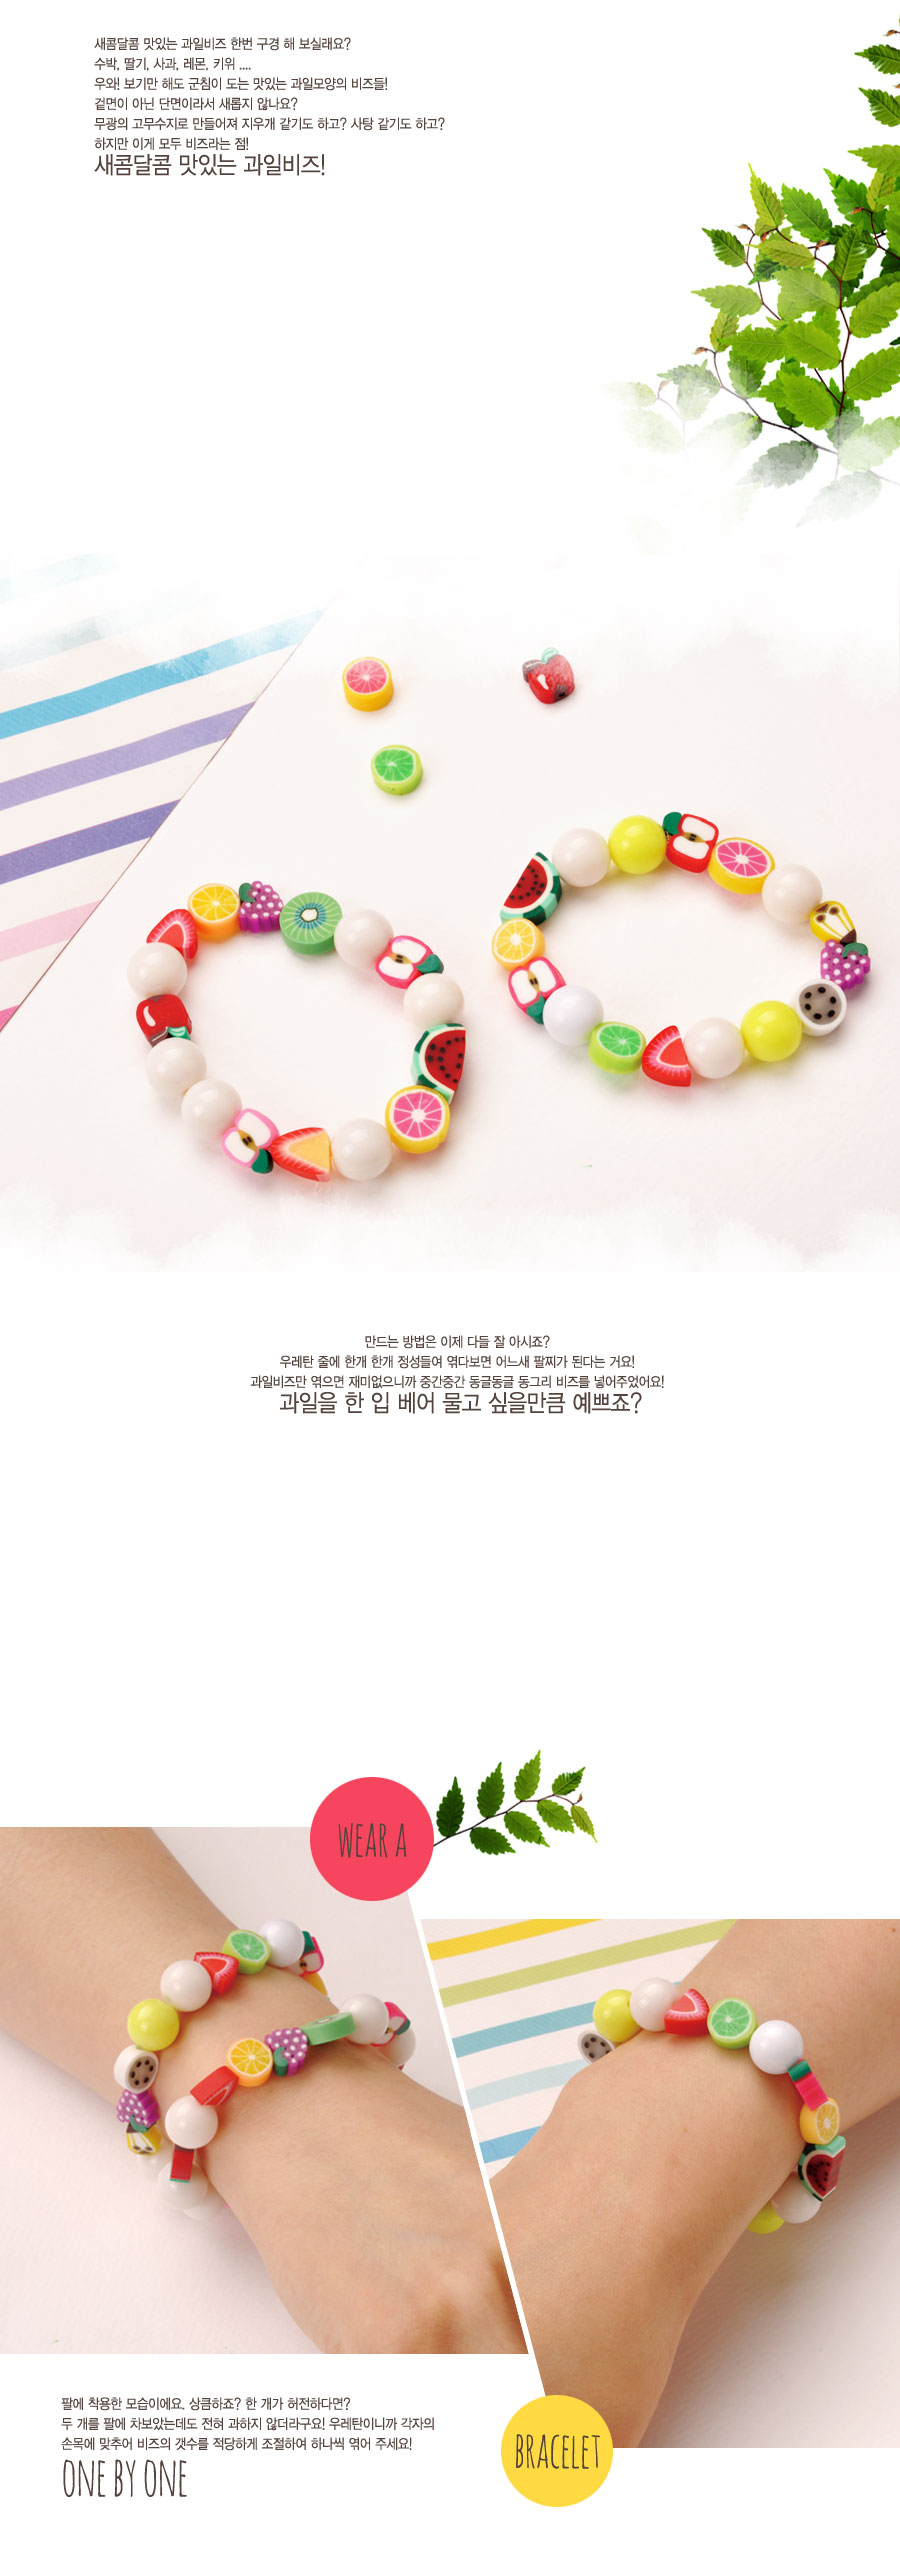 새콤과일팔찌만들기(5인)/비즈공예 - 아트랄라, 8,200원, 비즈공예, 비즈